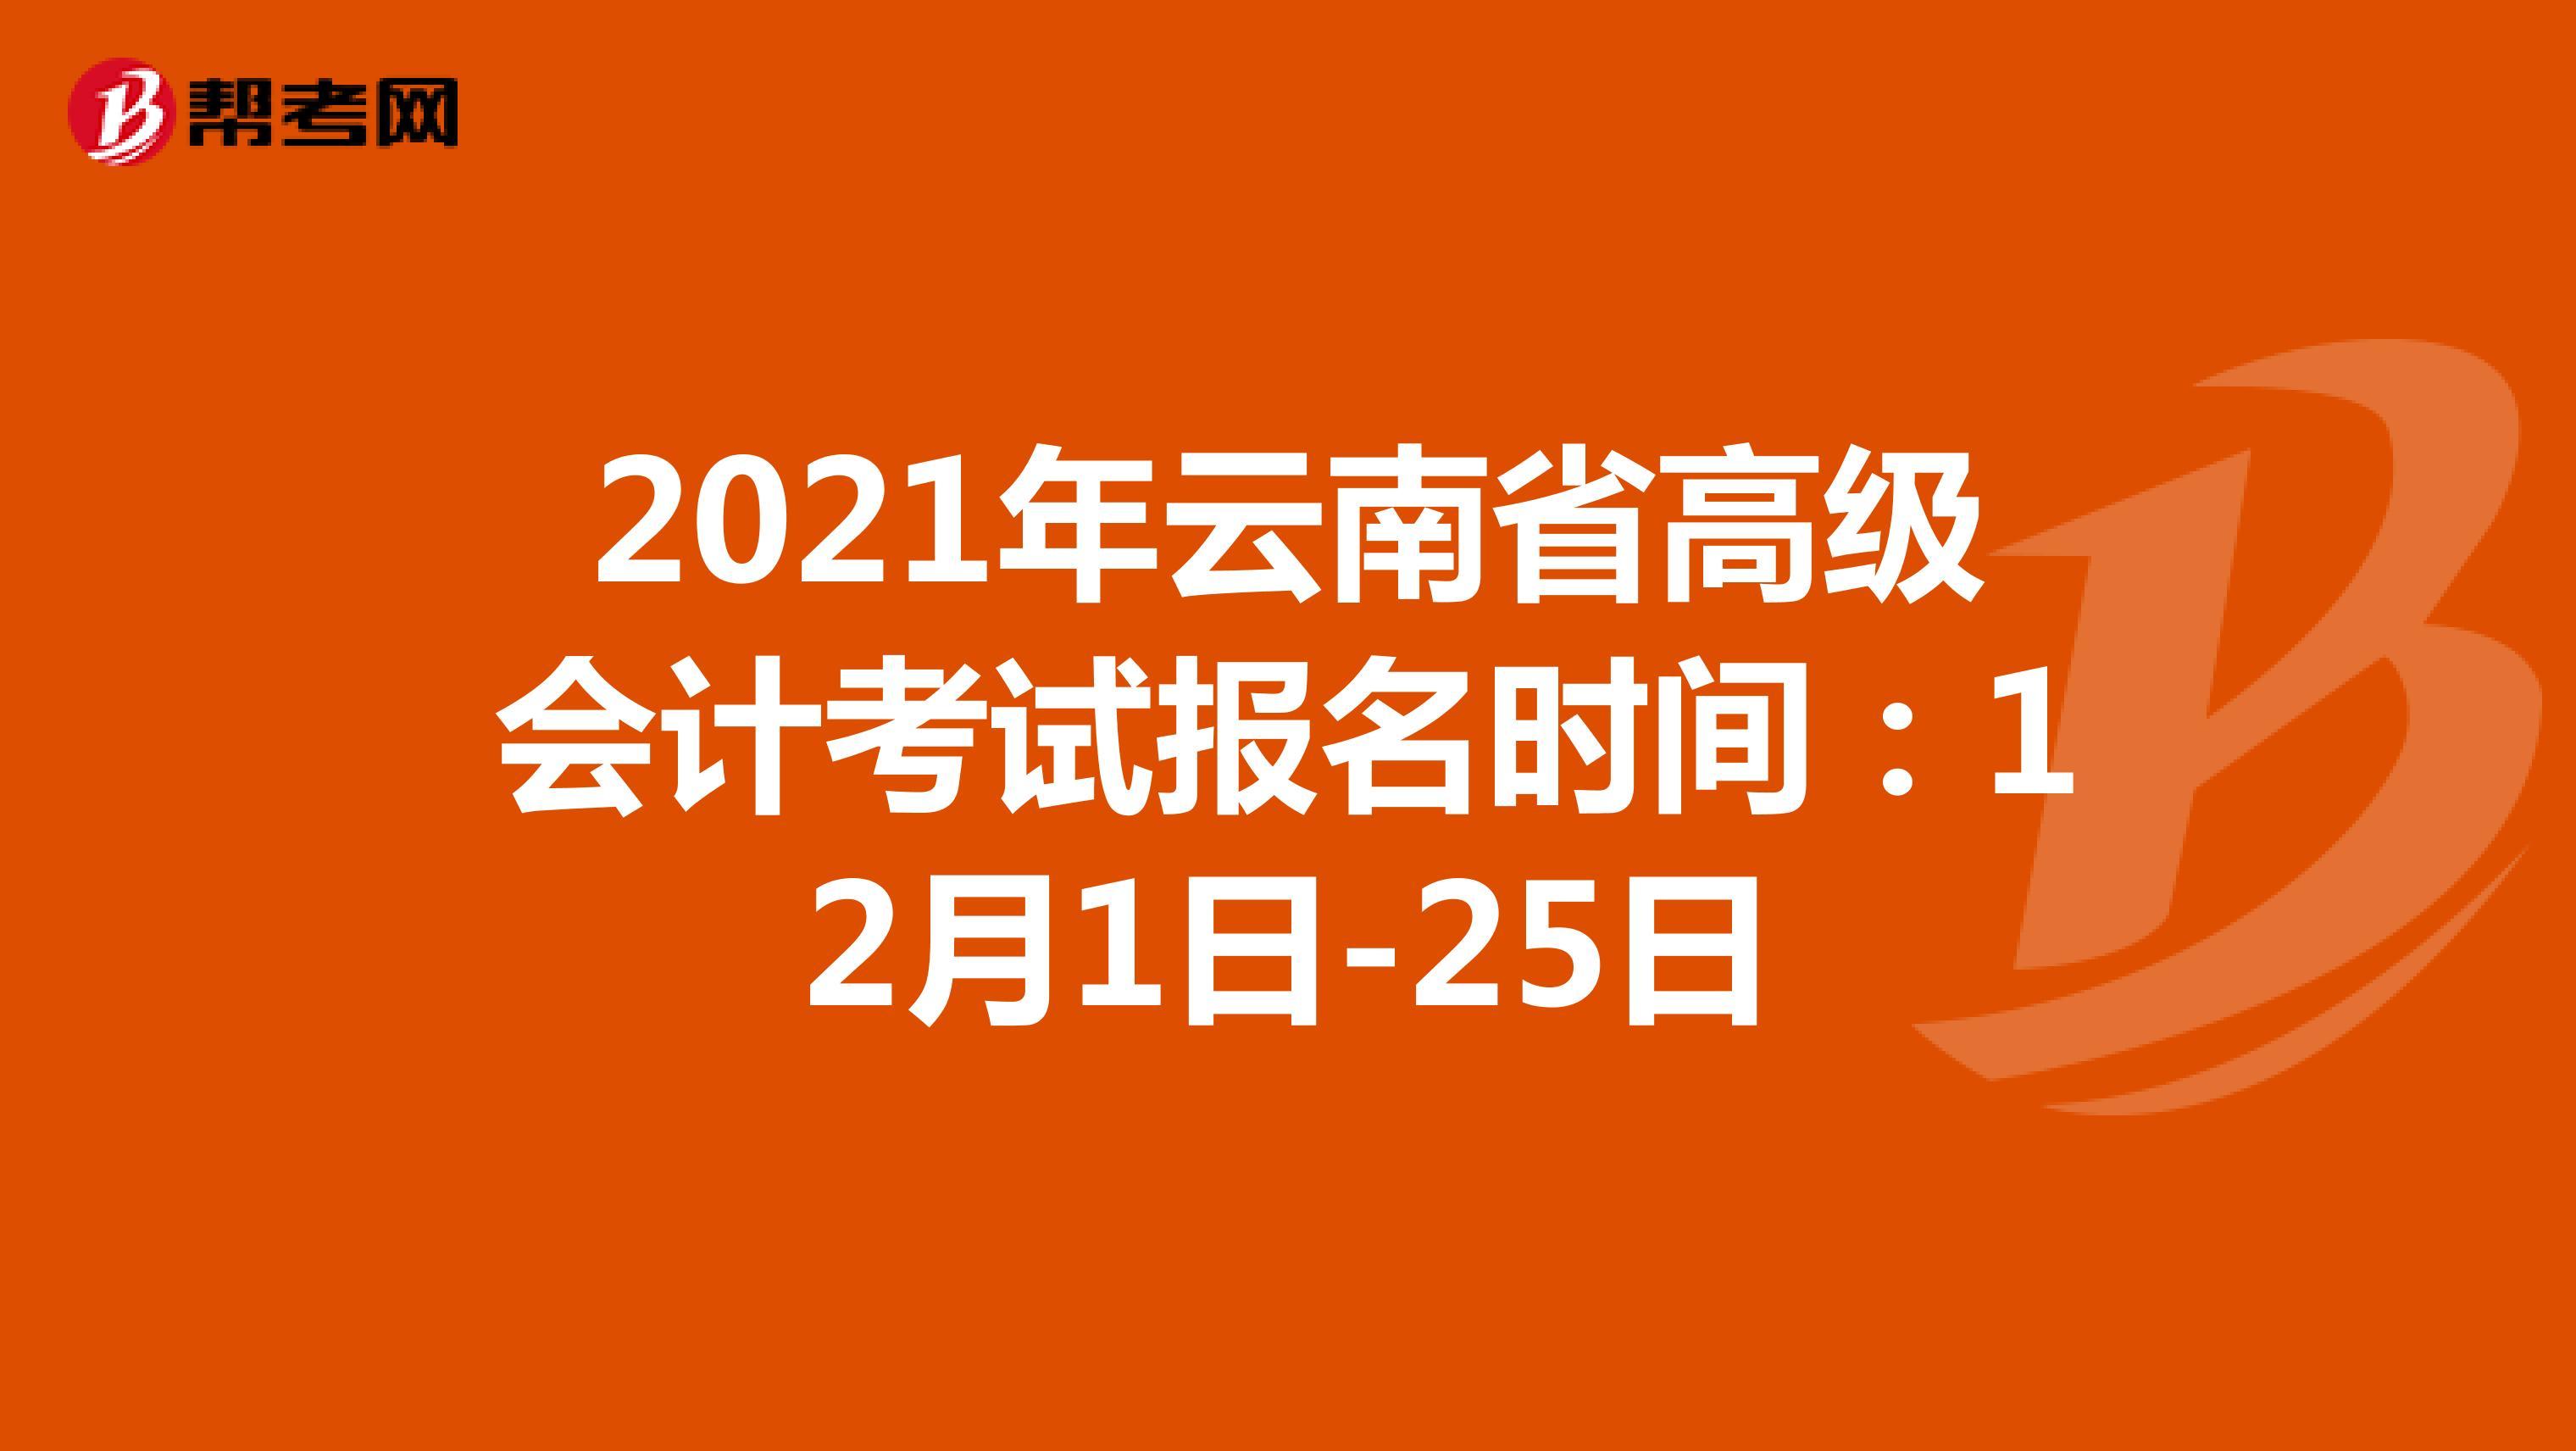 2021年云南省高级会计Beplay官方报名时间:12月1日-25日